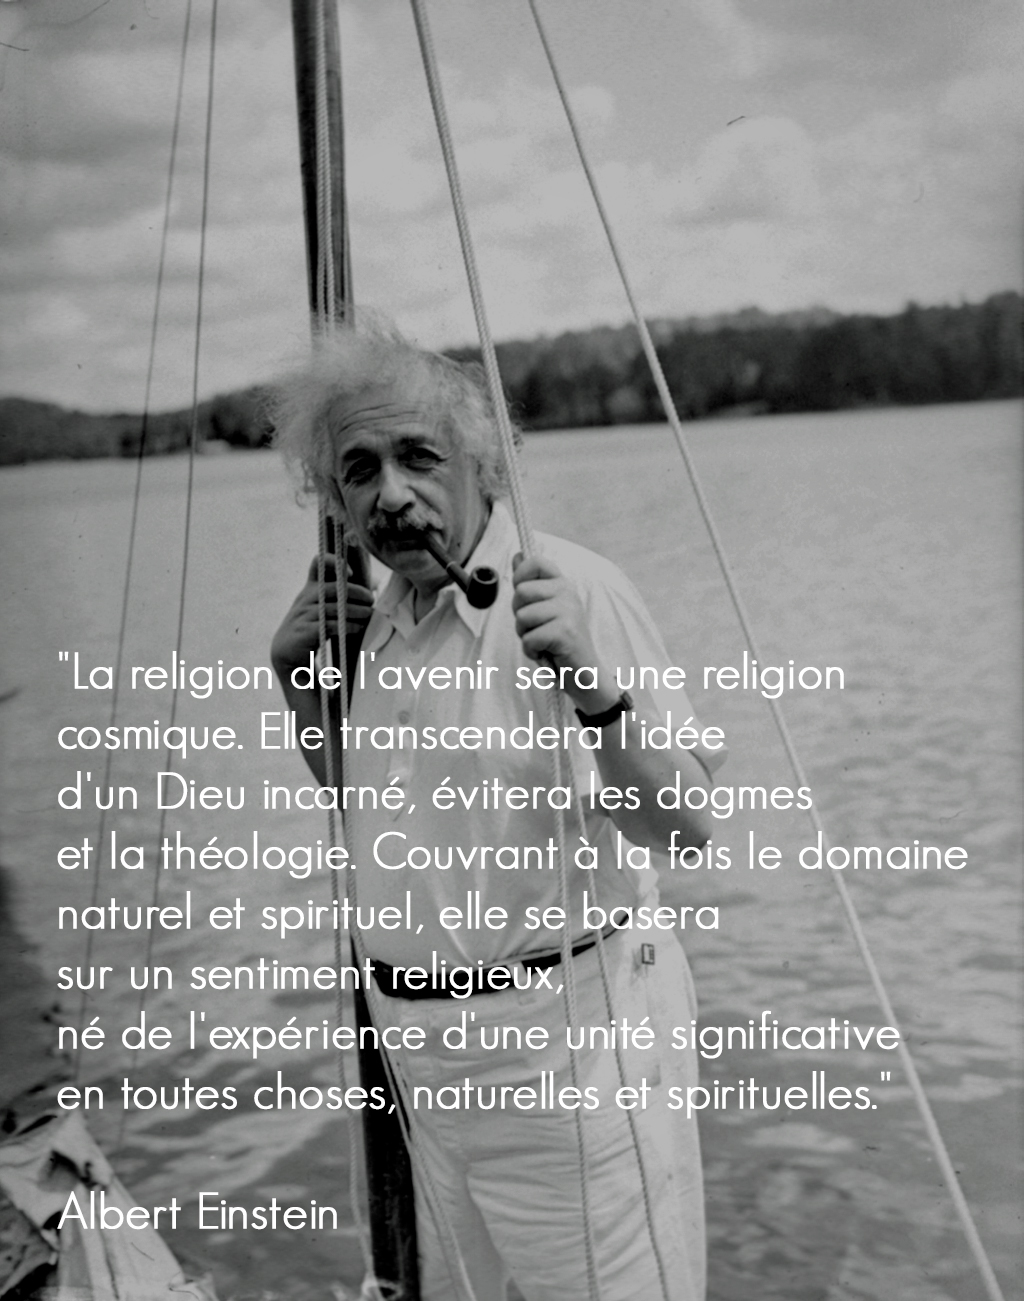 einstein-religion-cosmique